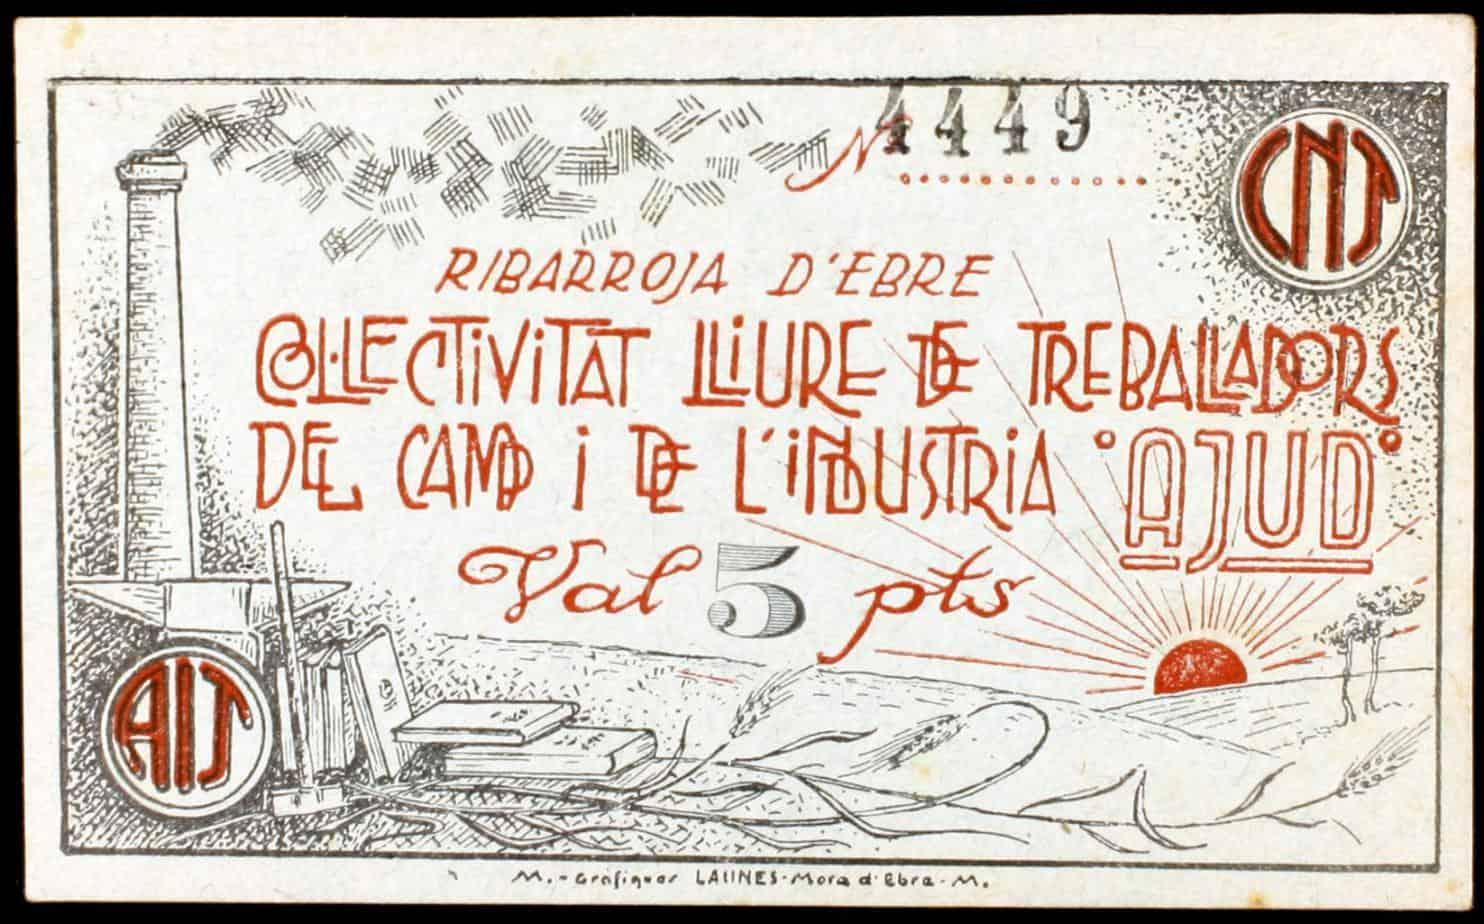 Riba-Roja d'Ebre. Col·lectivitat Lliure de Treballadors del Camp i de l'Industria. C.N.T. 5 y 25 pesetas.